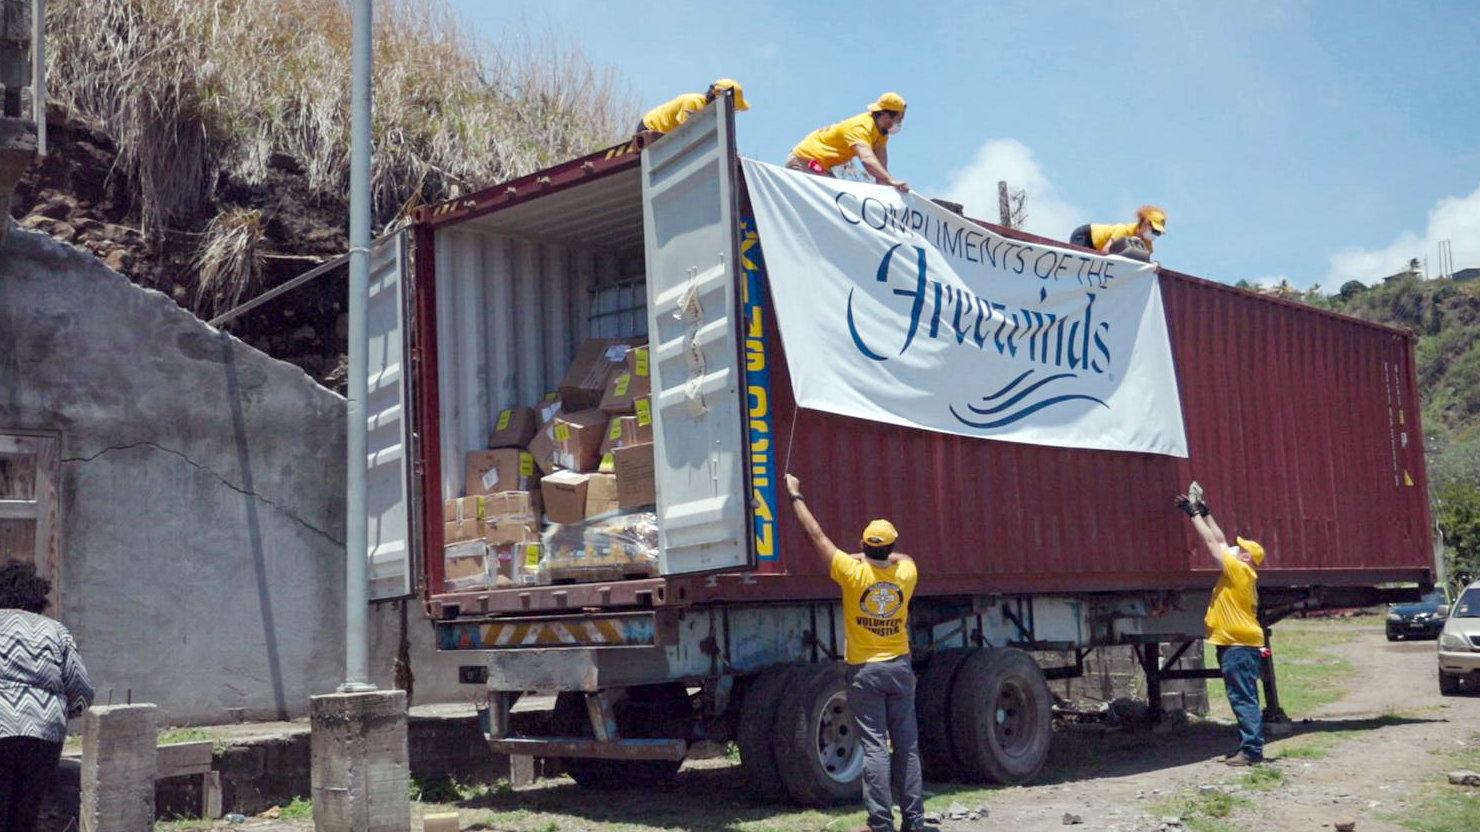 Une équipe de VM décharge un conteneur de produits de première nécessité que le Freewinds a envoyé sur l'île grâce au soutien de l'IAS.